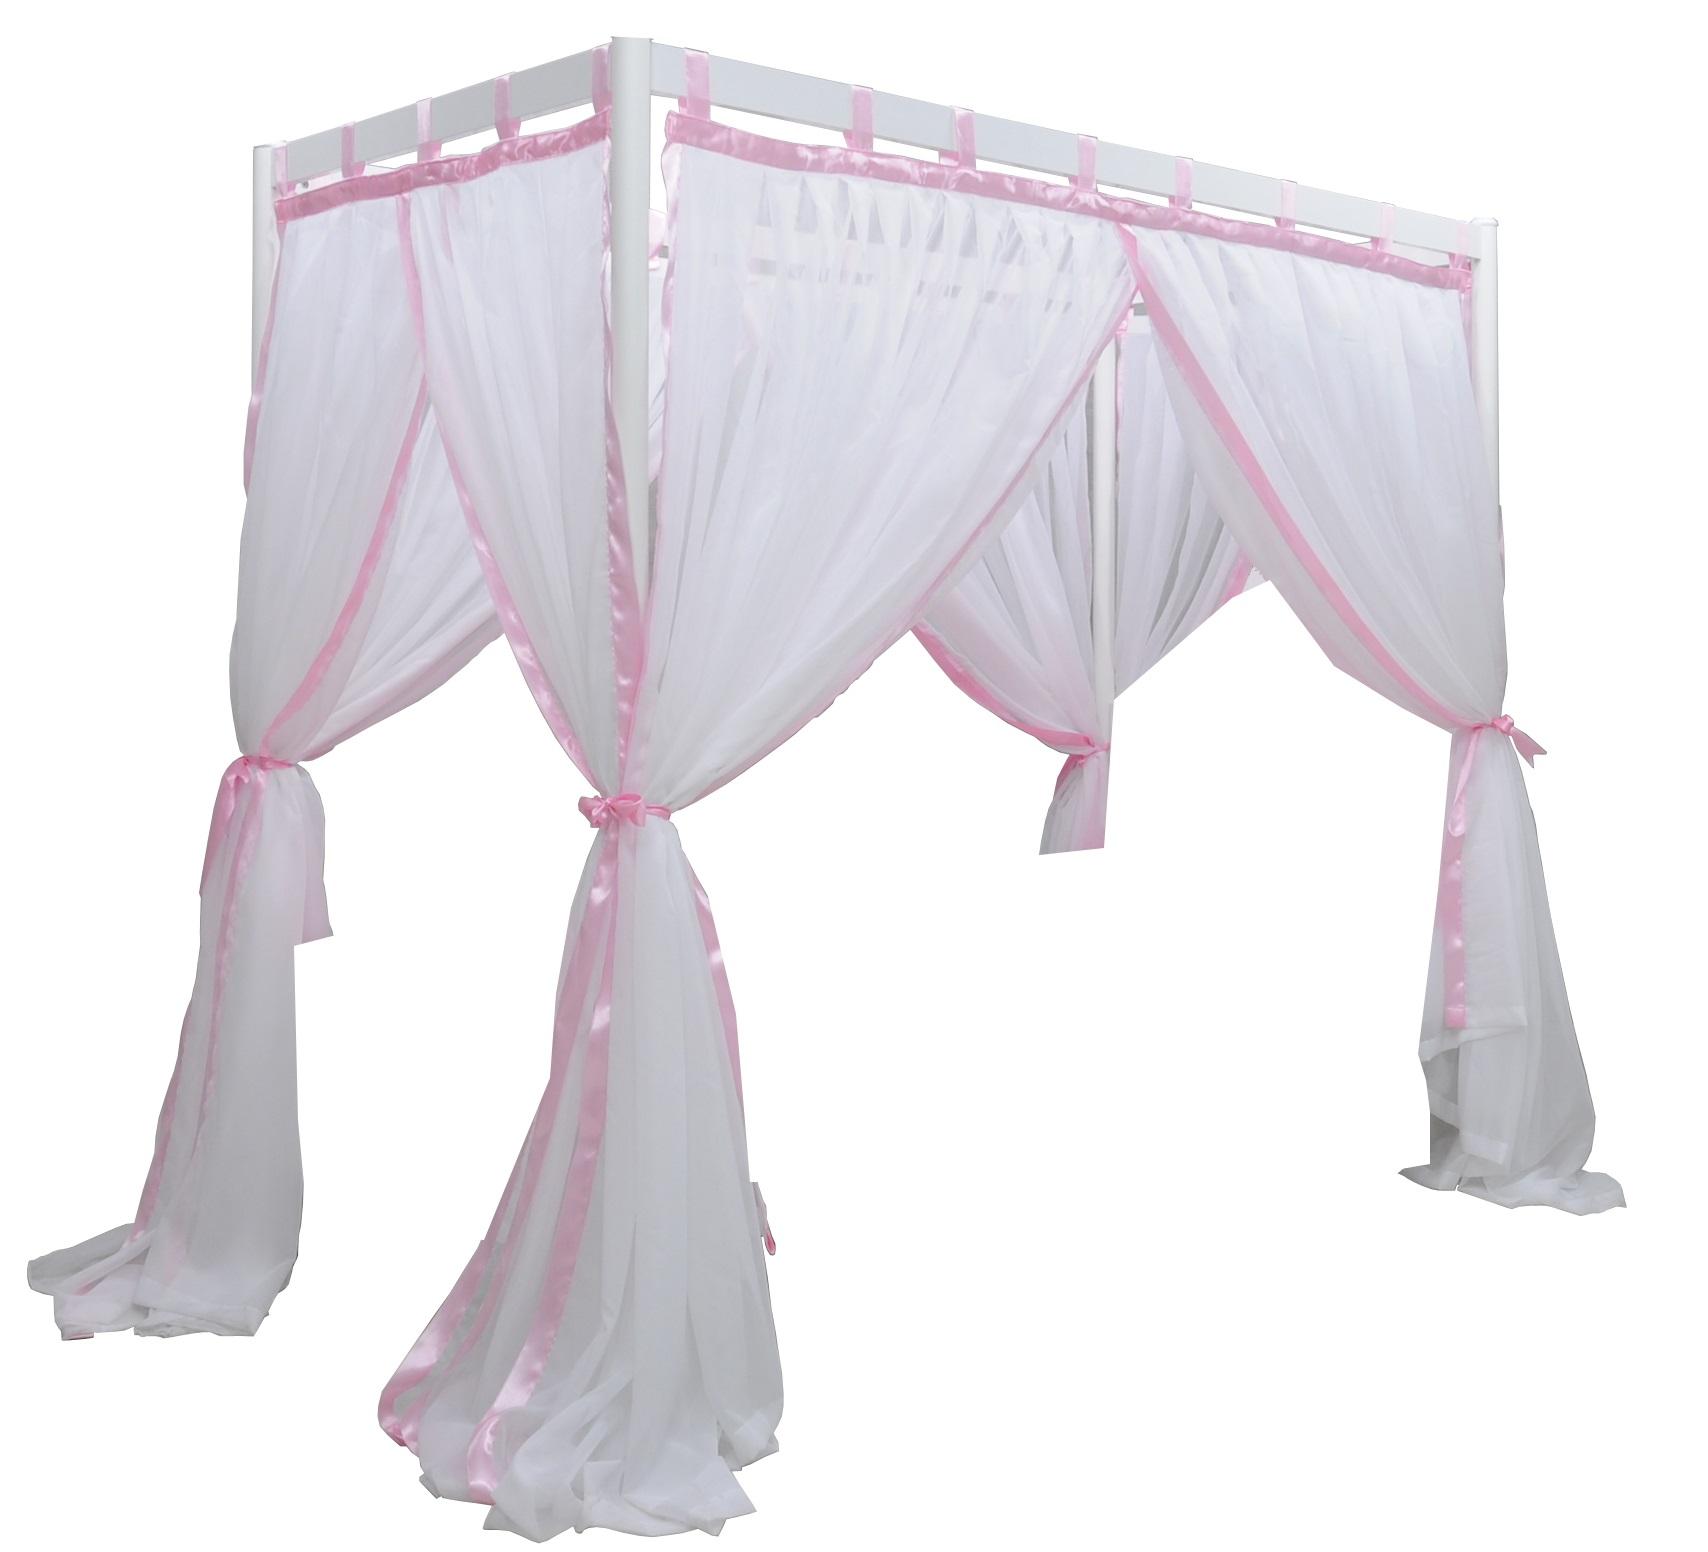 Himmelbett vorhang kinder  Vorhang